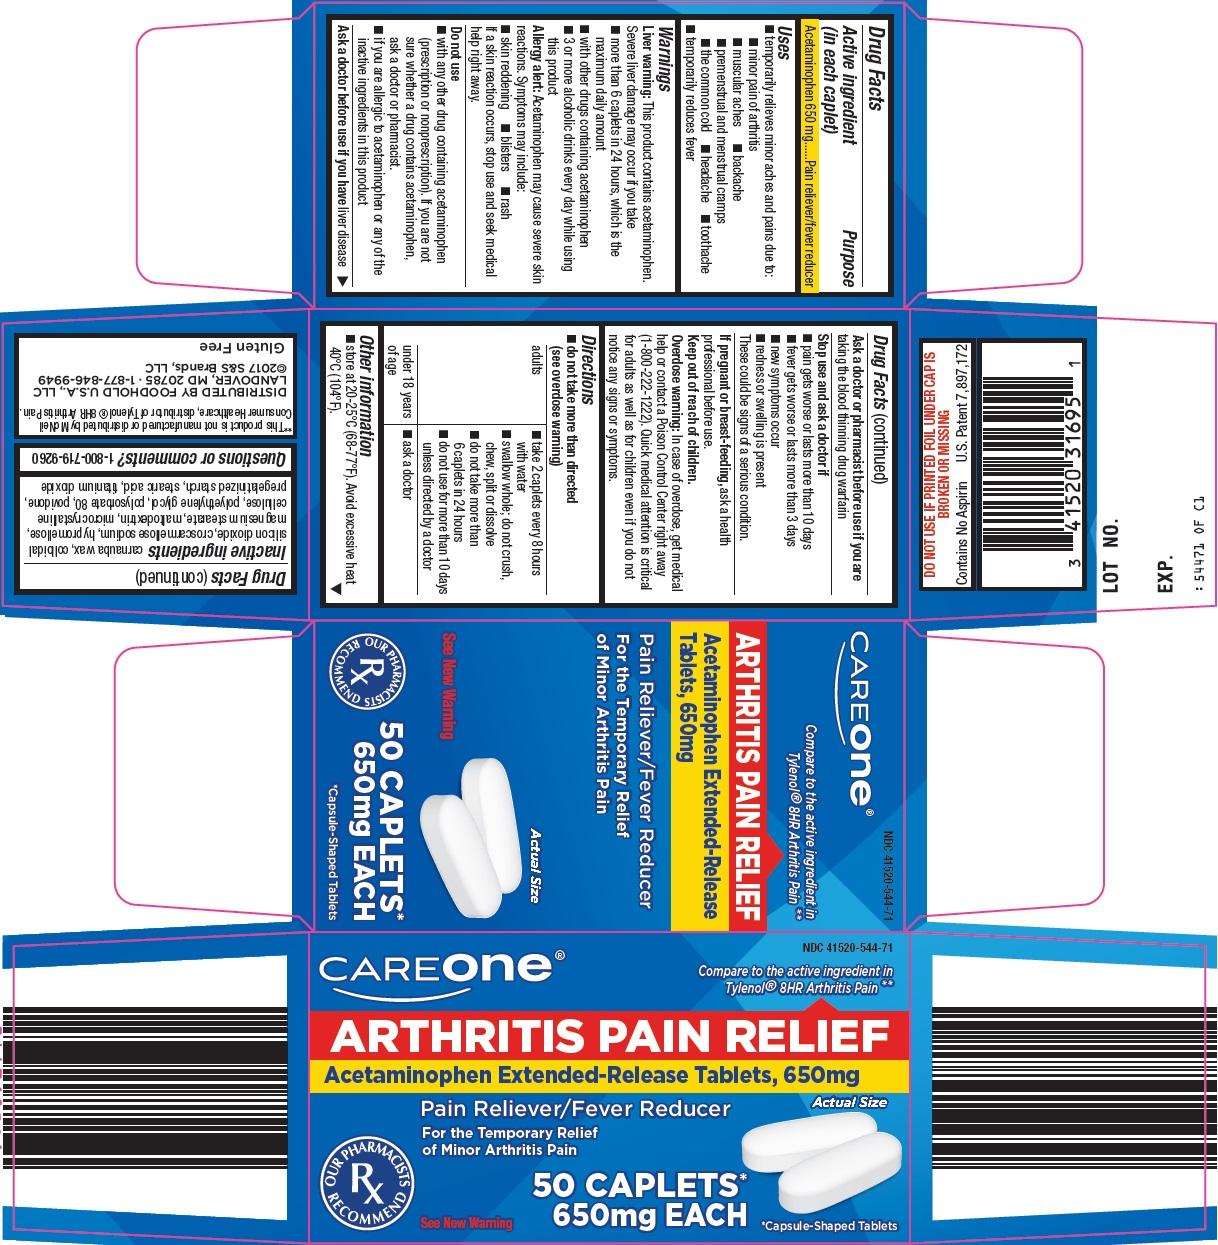 544-of-arthritis pain relief.jpg